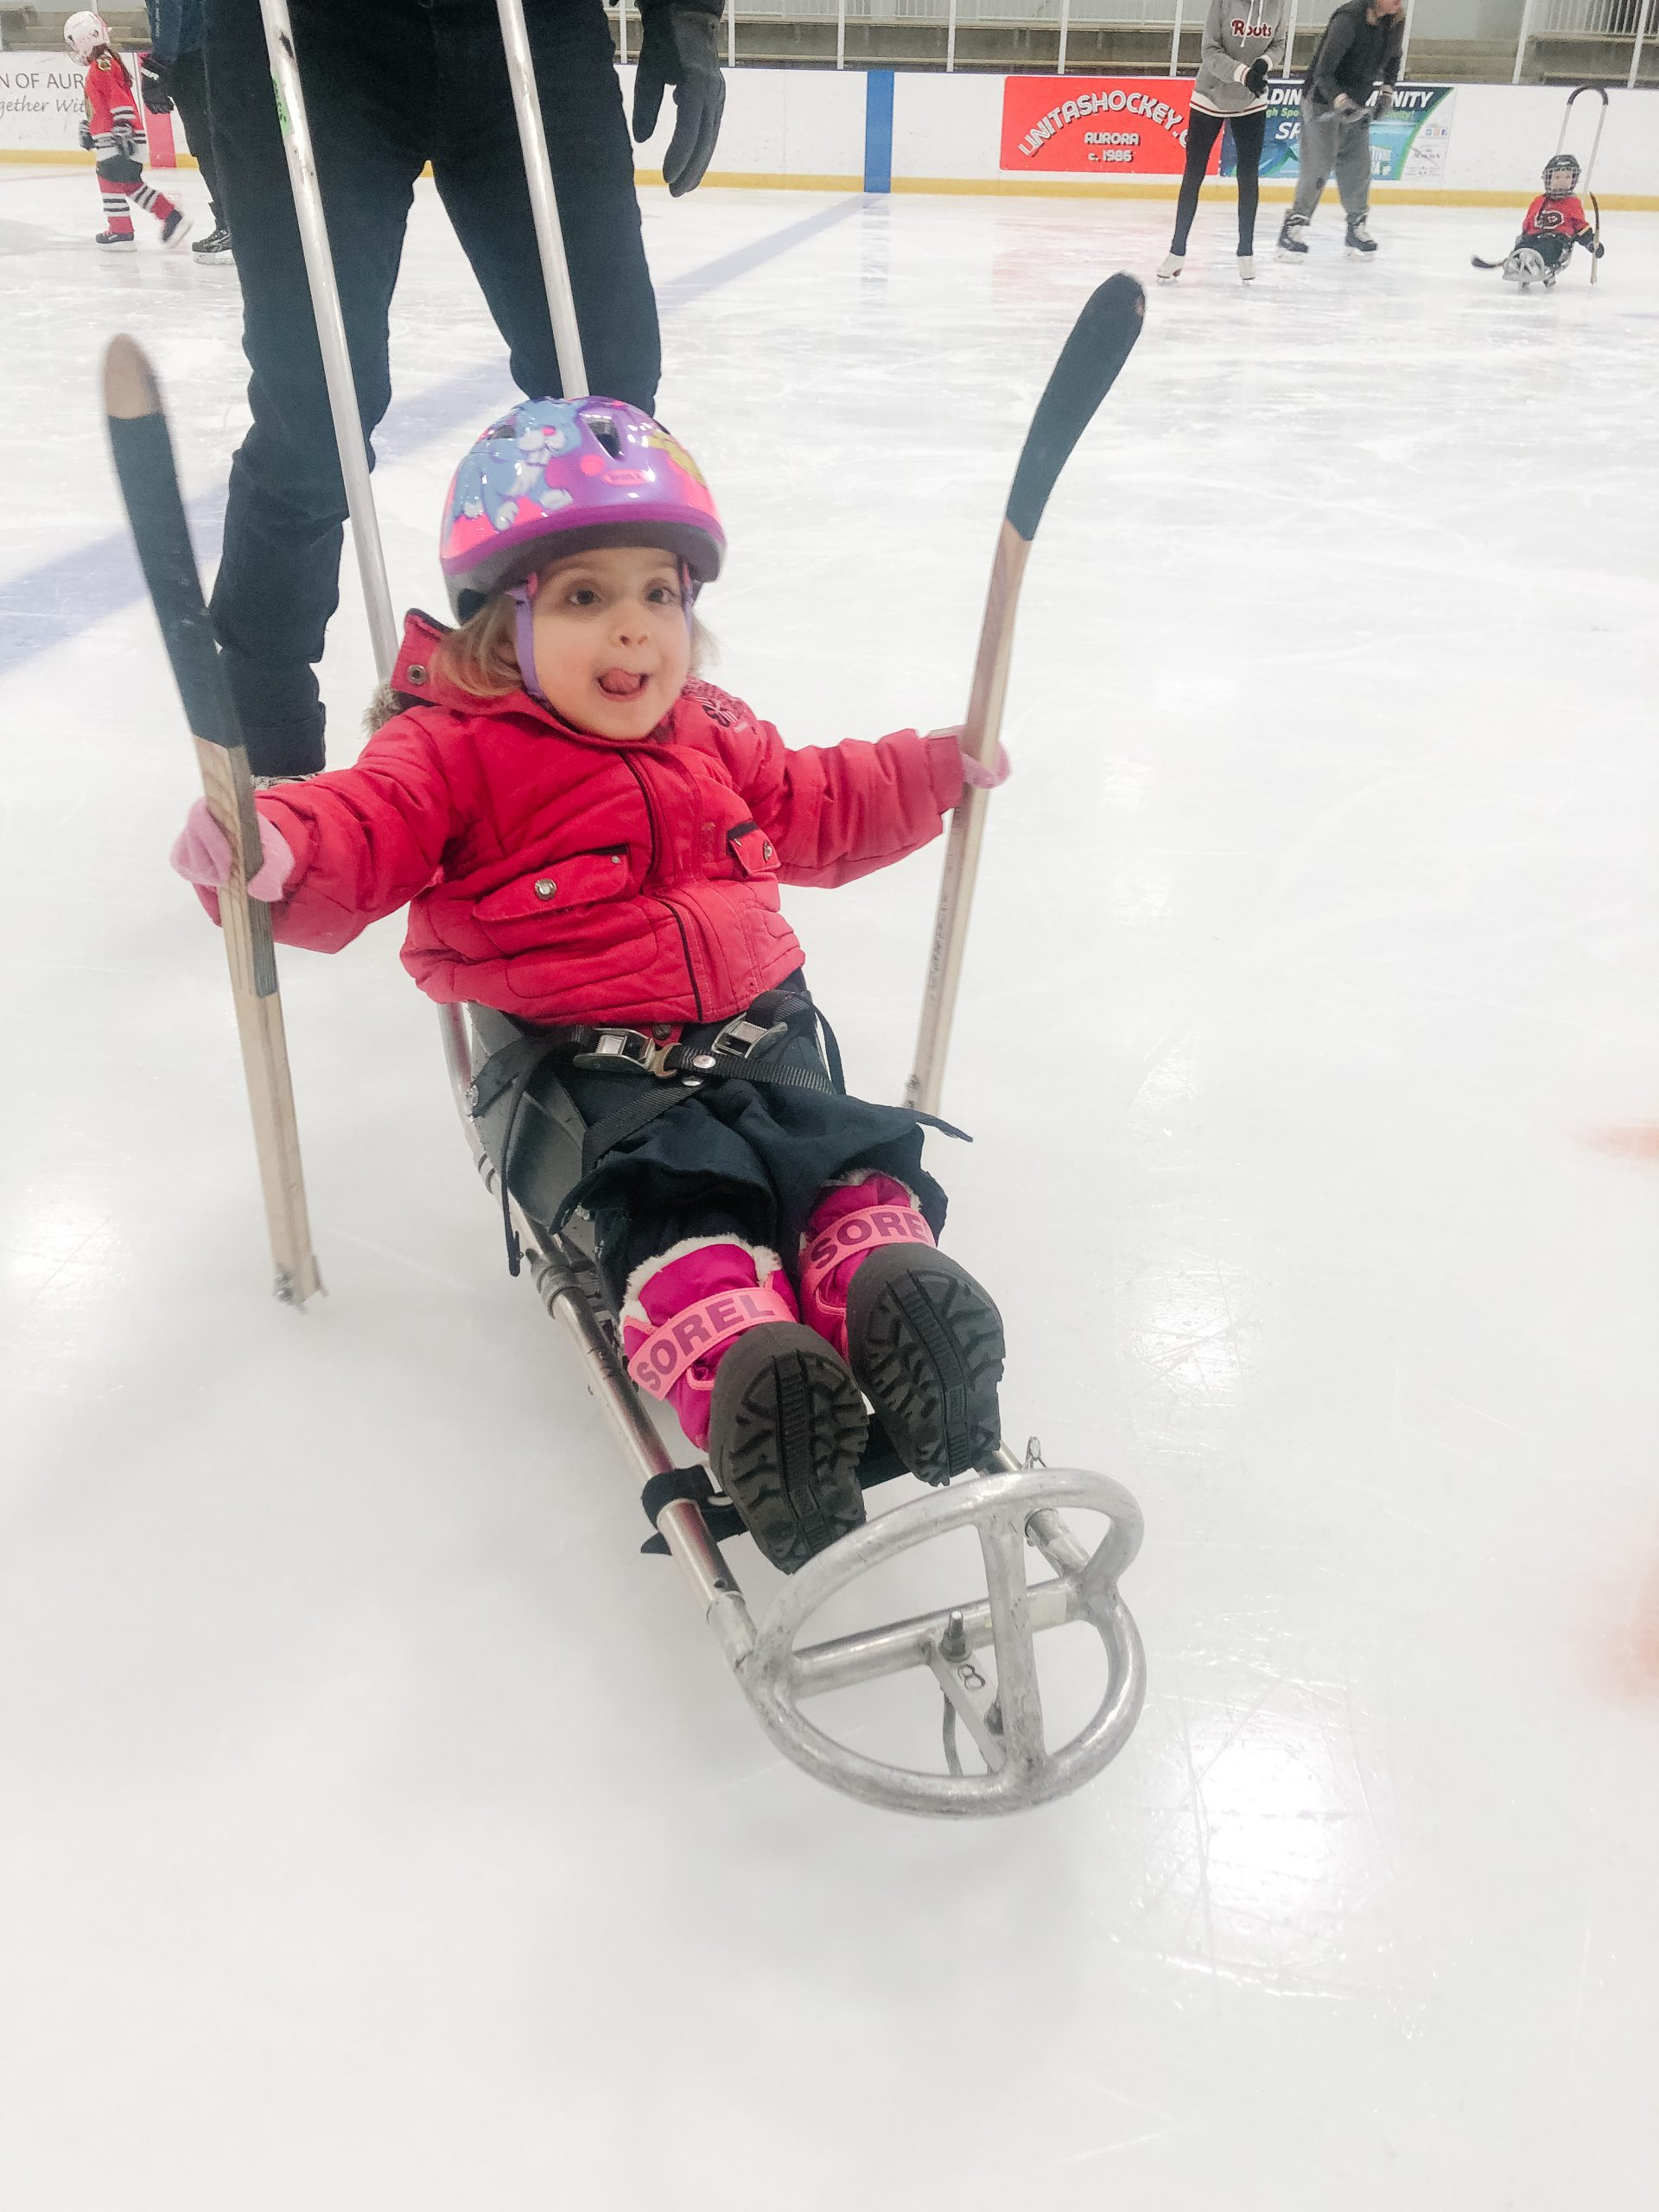 Child playing sledge hockey.